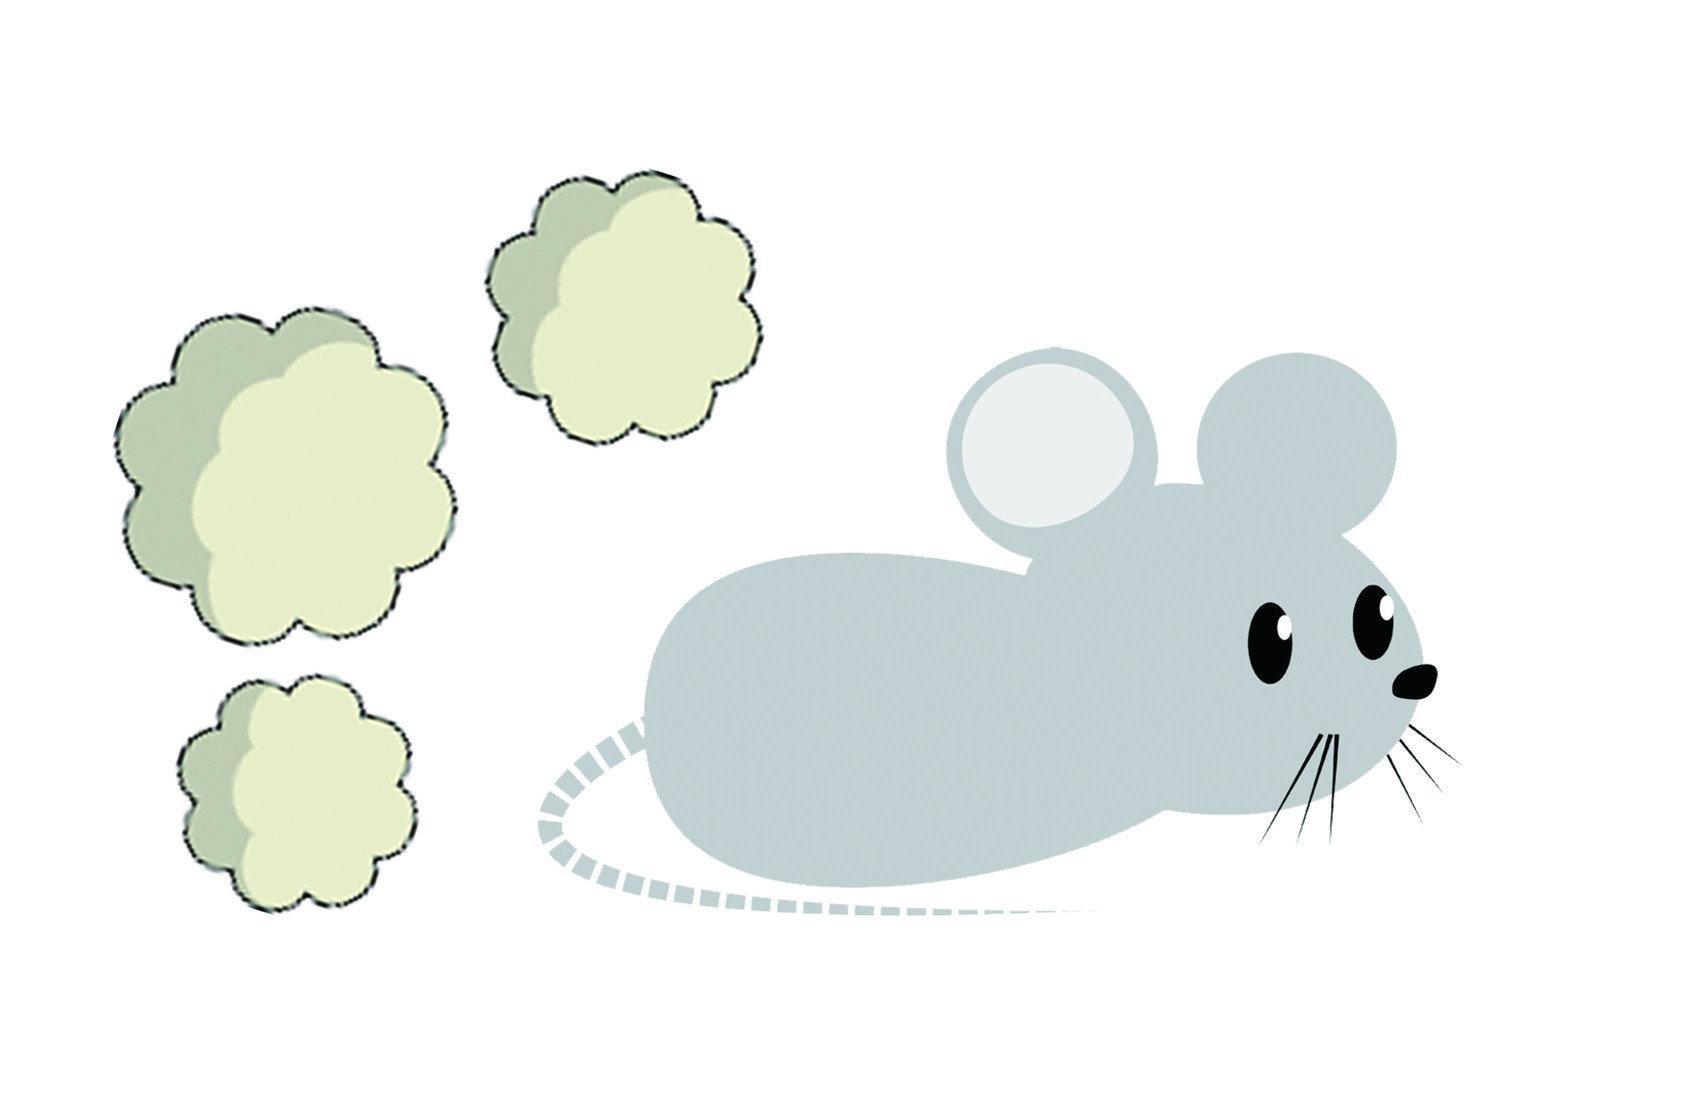 據說會捉老鼠的貓咪,見到了為型相似的錢鼠也會不為所動,即便放到牠們面前,也不願把玩一番。那是因為錢鼠身上散發著一股味道,源自於身體兩側的「麝香腺」,也因此有些人稱錢鼠為「香鼠」或「臭鼠」。